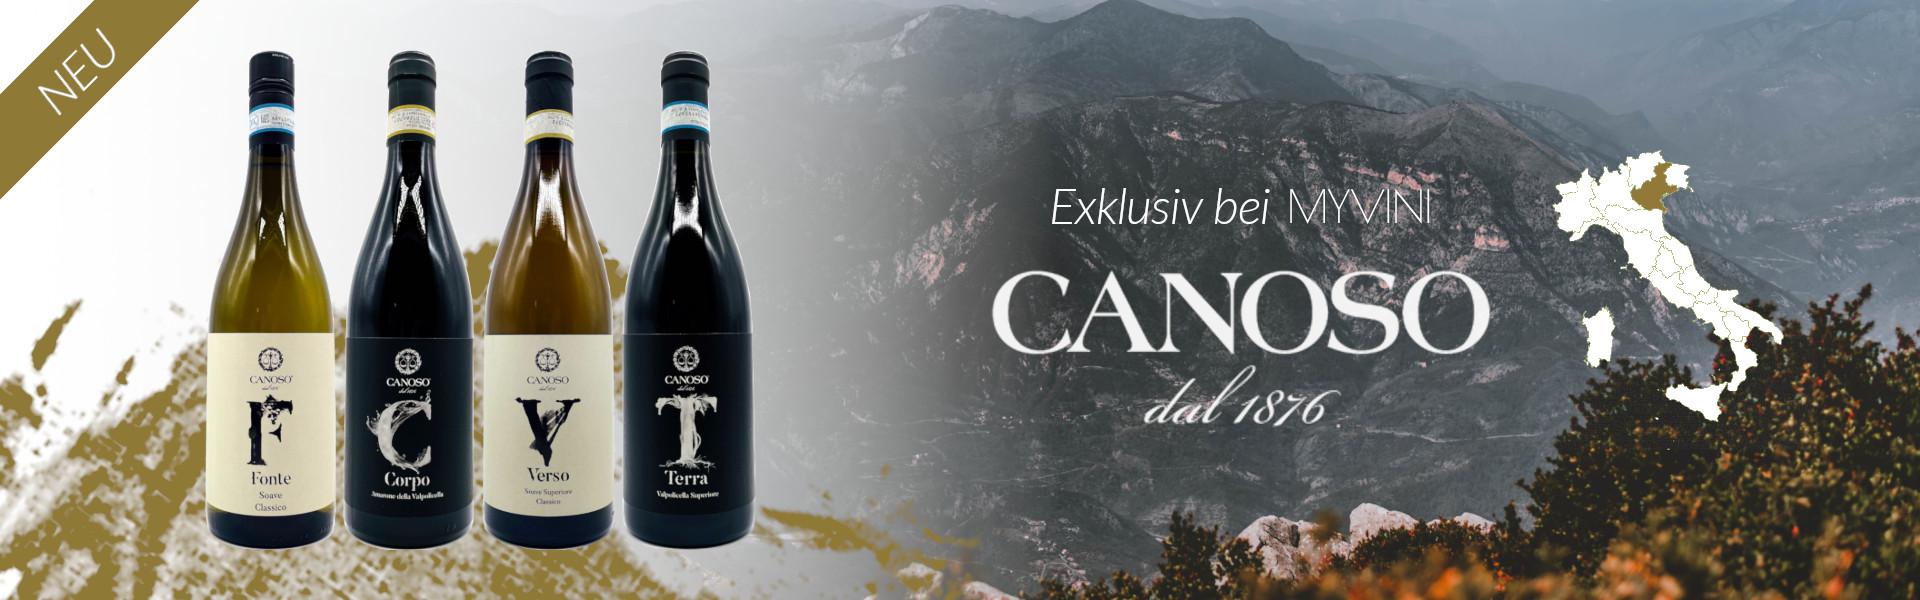 Exklusiv bei MYVINI | Weine von Canoso